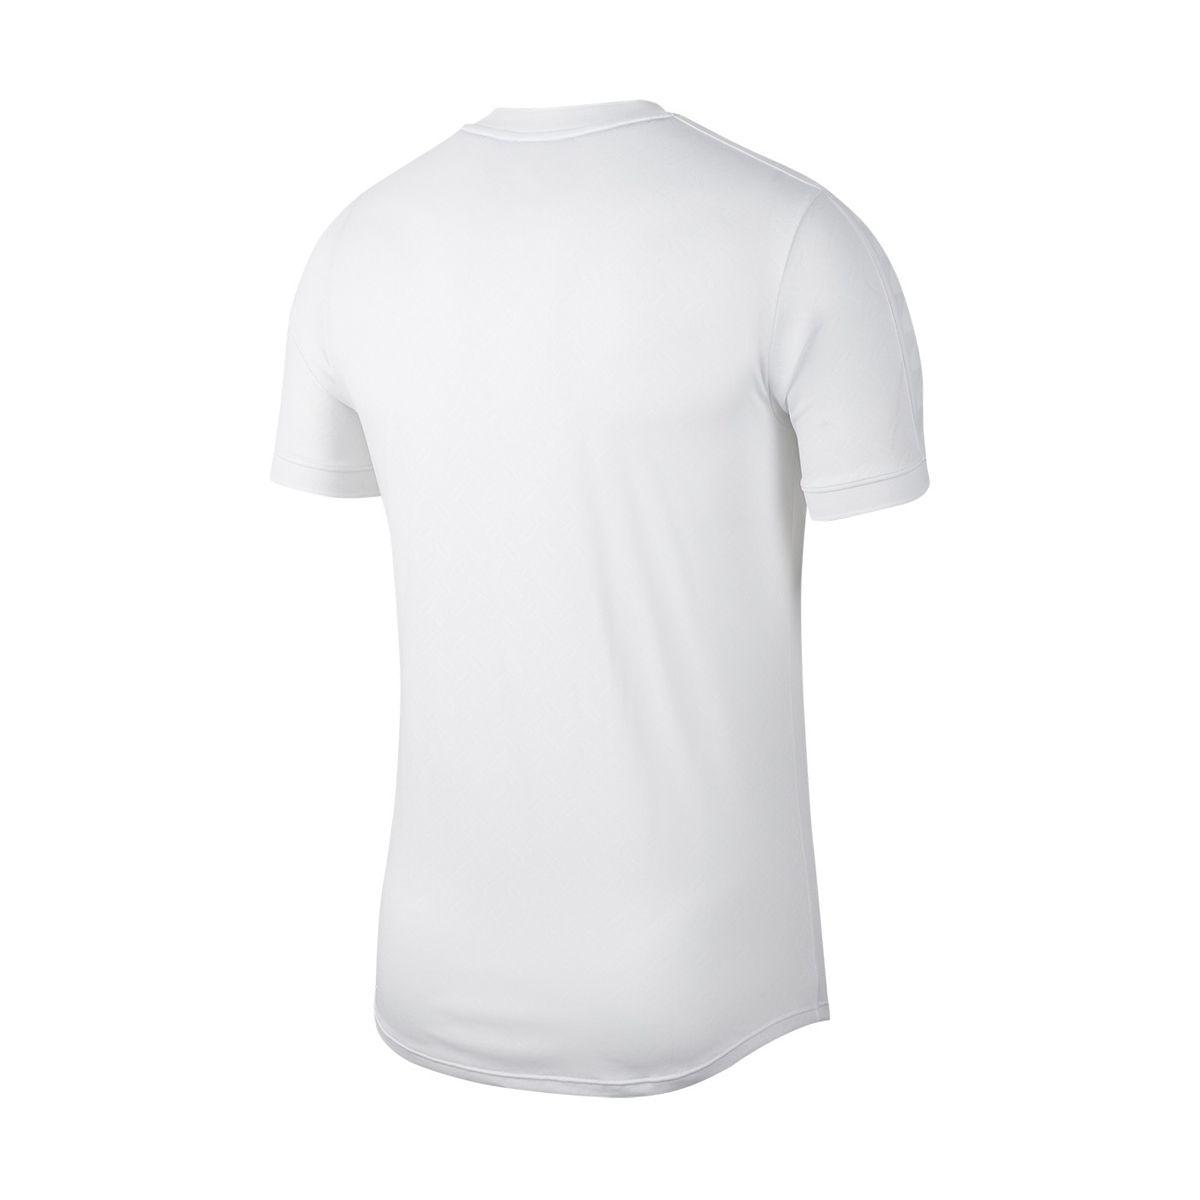 Camiseta Nike Court Dry Aeroreact Rafa Branca e Rosa